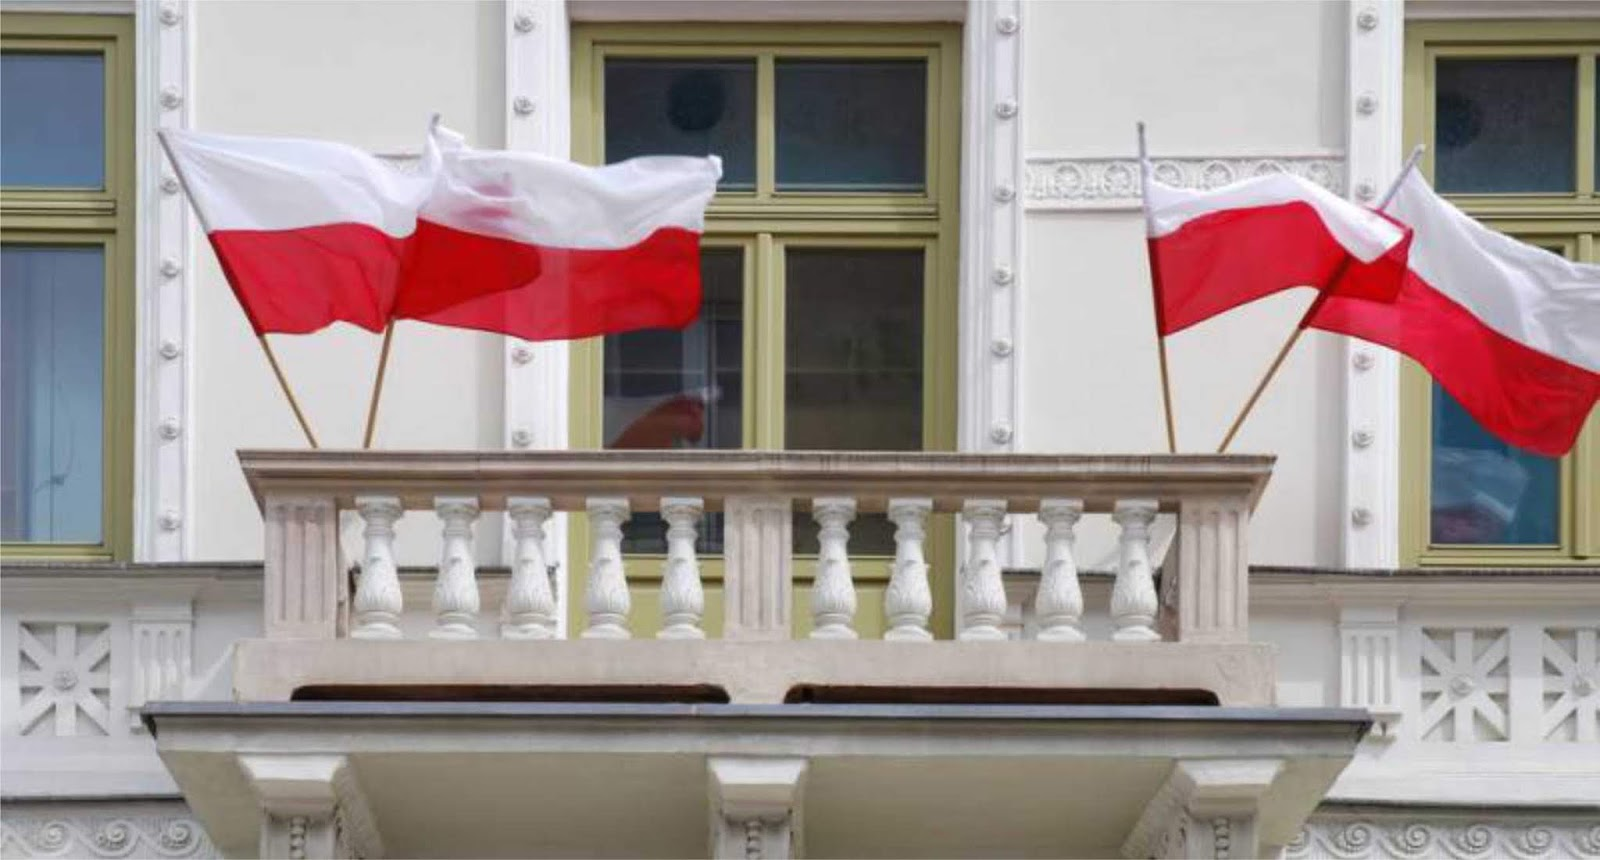 Kementerian Pertahanan Polandia mengumumkan dukungan untuk proyek Fort Trump